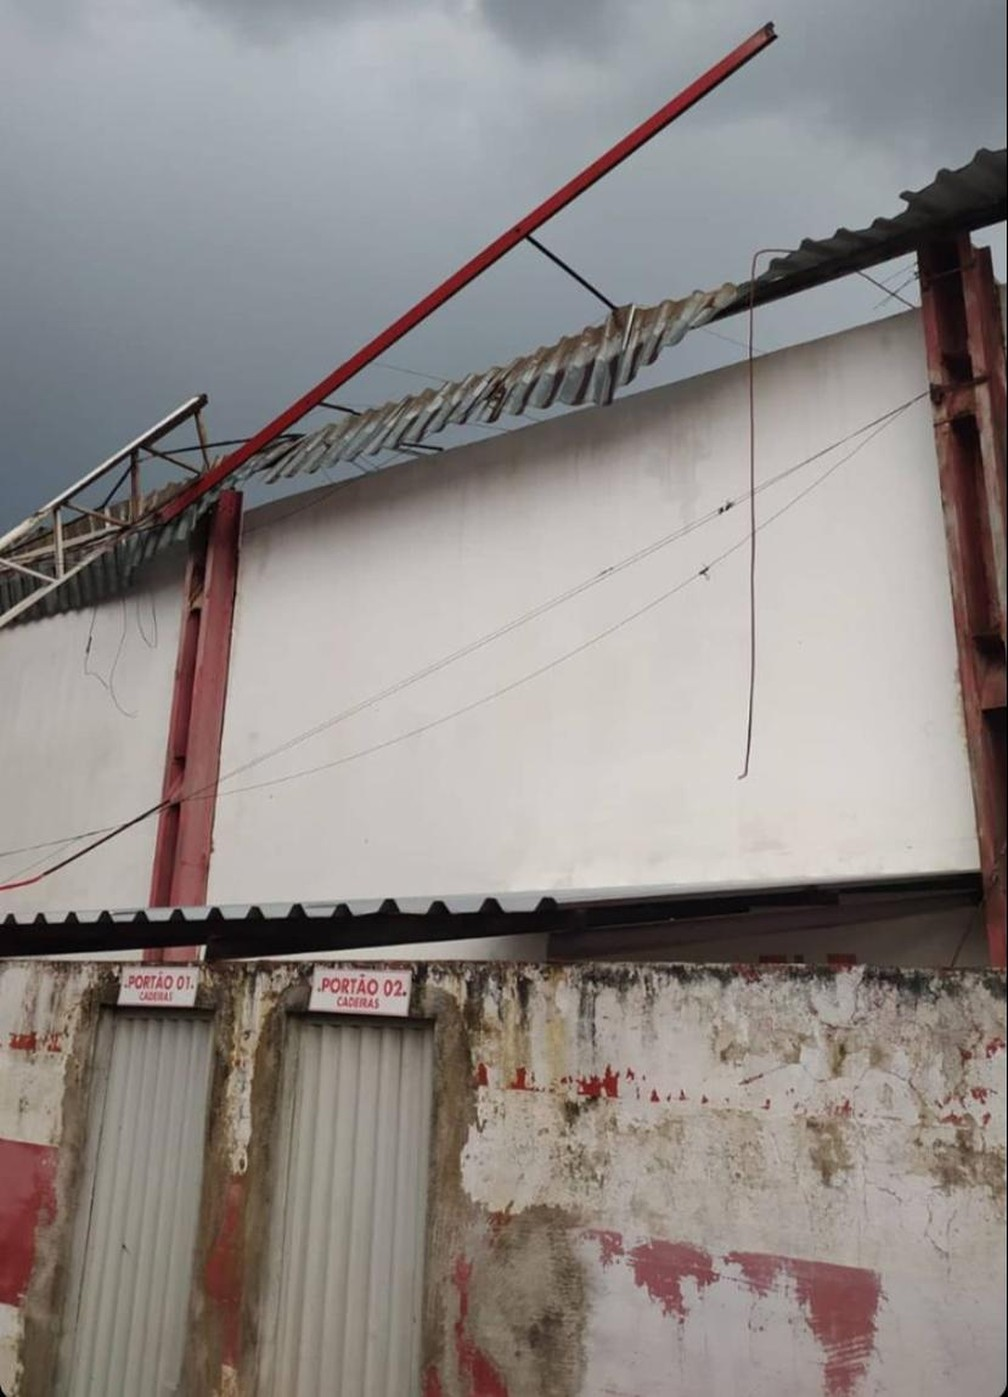 Cobertura da Arena Ytacoatiara, em Piripiri, desaba  — Foto: Reprodução/Redes sociais